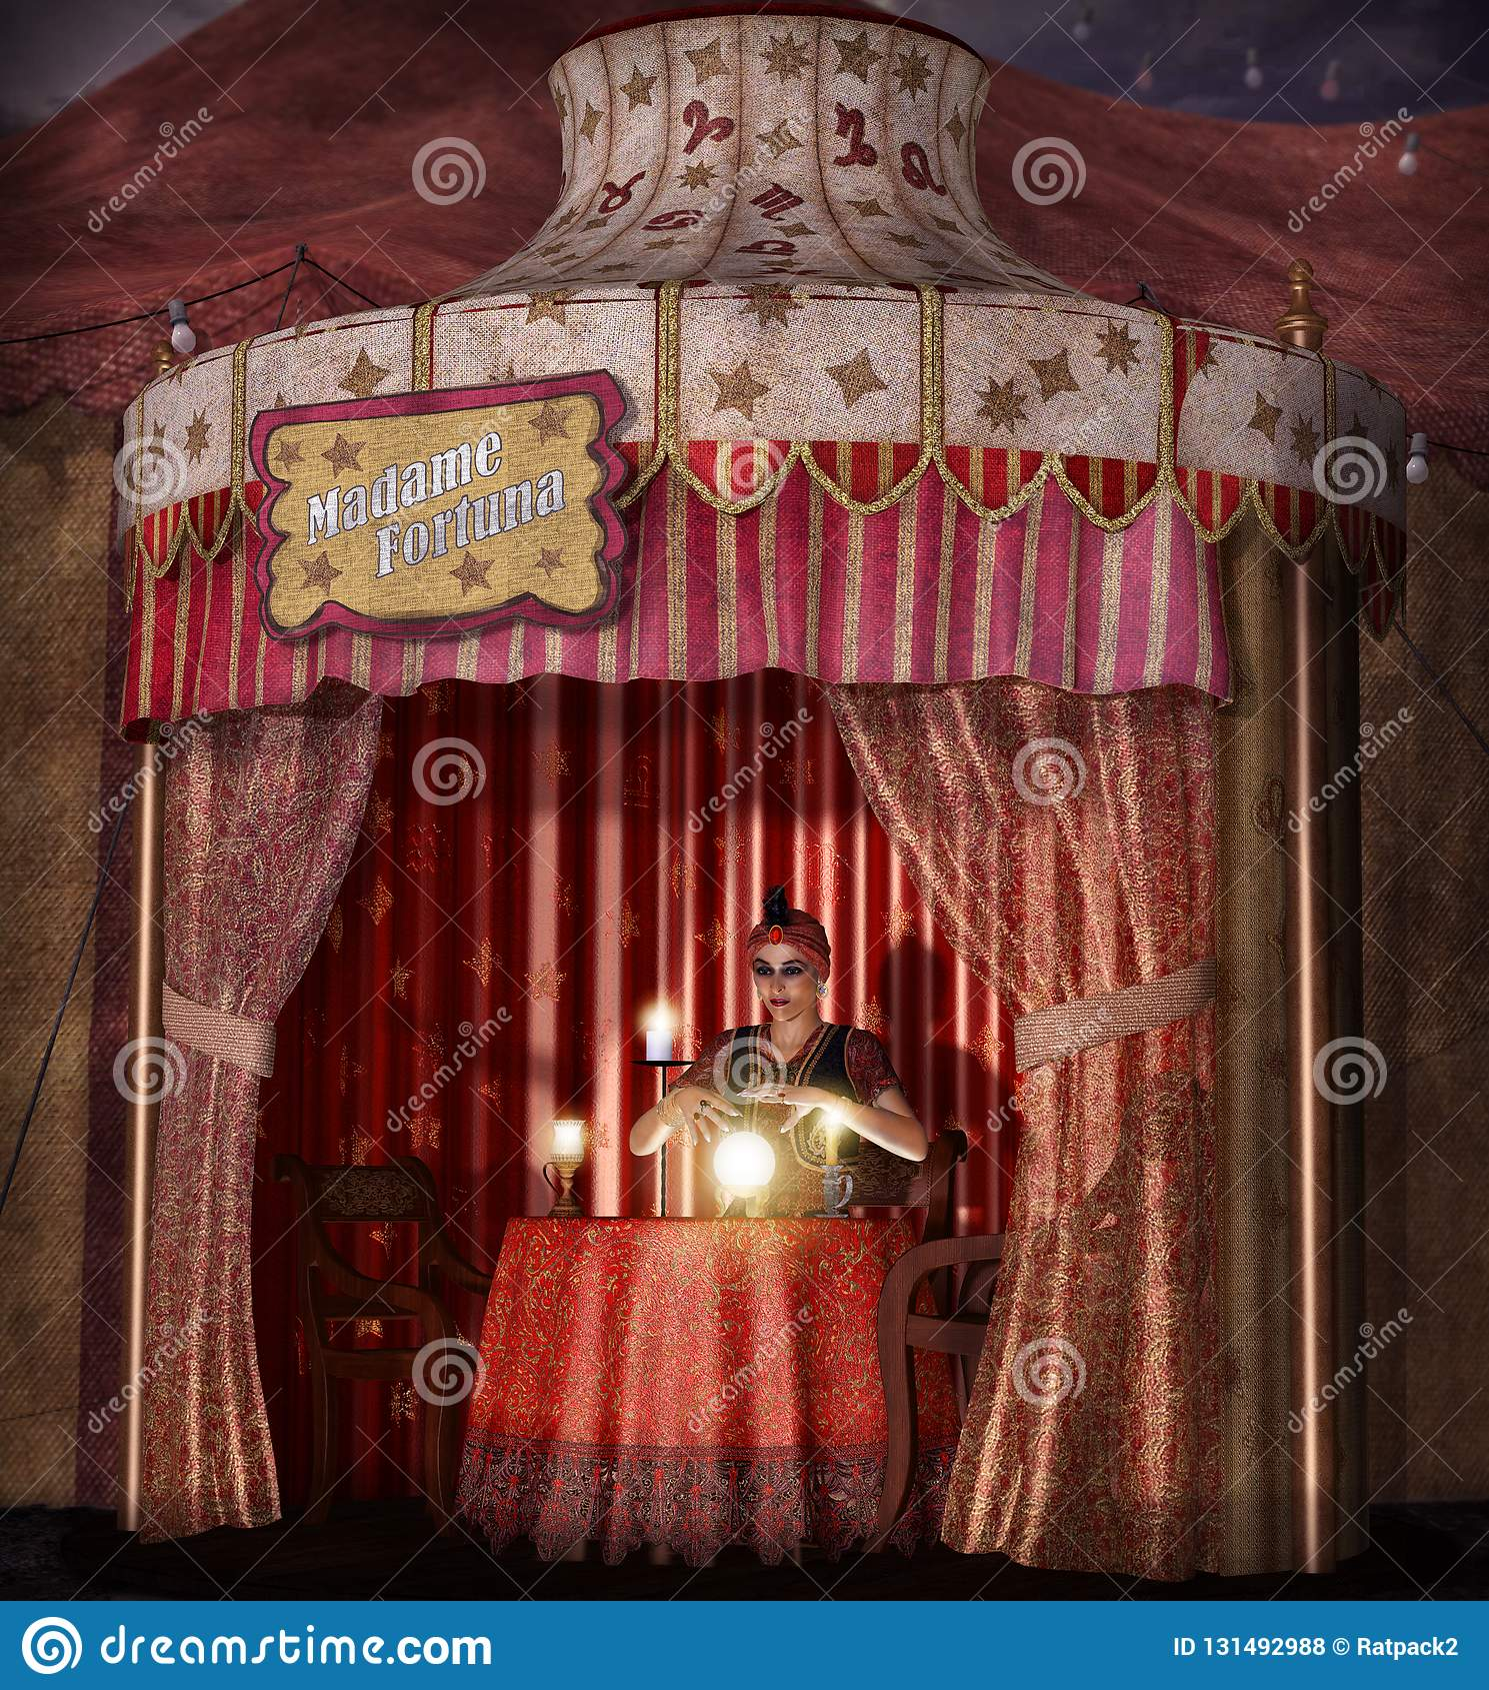 O conceito dramático de um caixa de fortuna aciganado místico, fêmea com uma bola de cristal leve em sua barraca, 3d realístico r